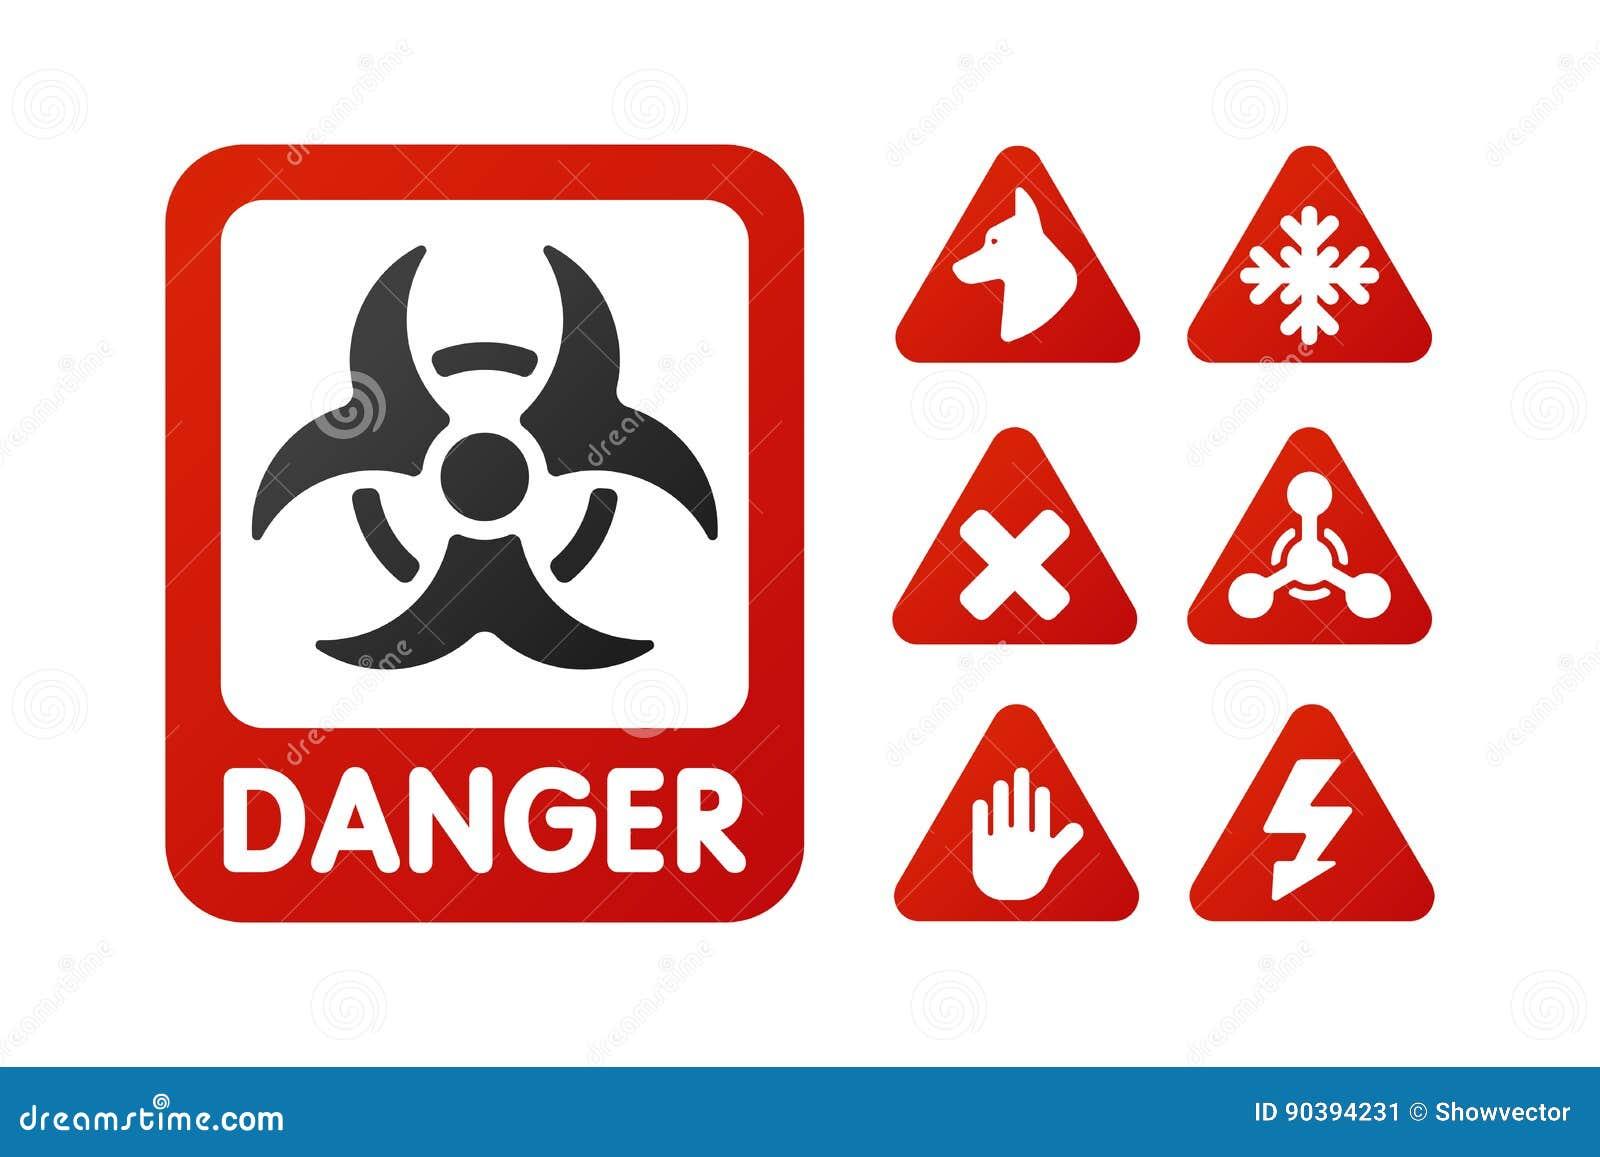 Prohibicja podpisuje ustalonej przemysł produkci niebezpieczeństwa wektorowego żółtego czerwonego ostrzegawczego symbol zakazując